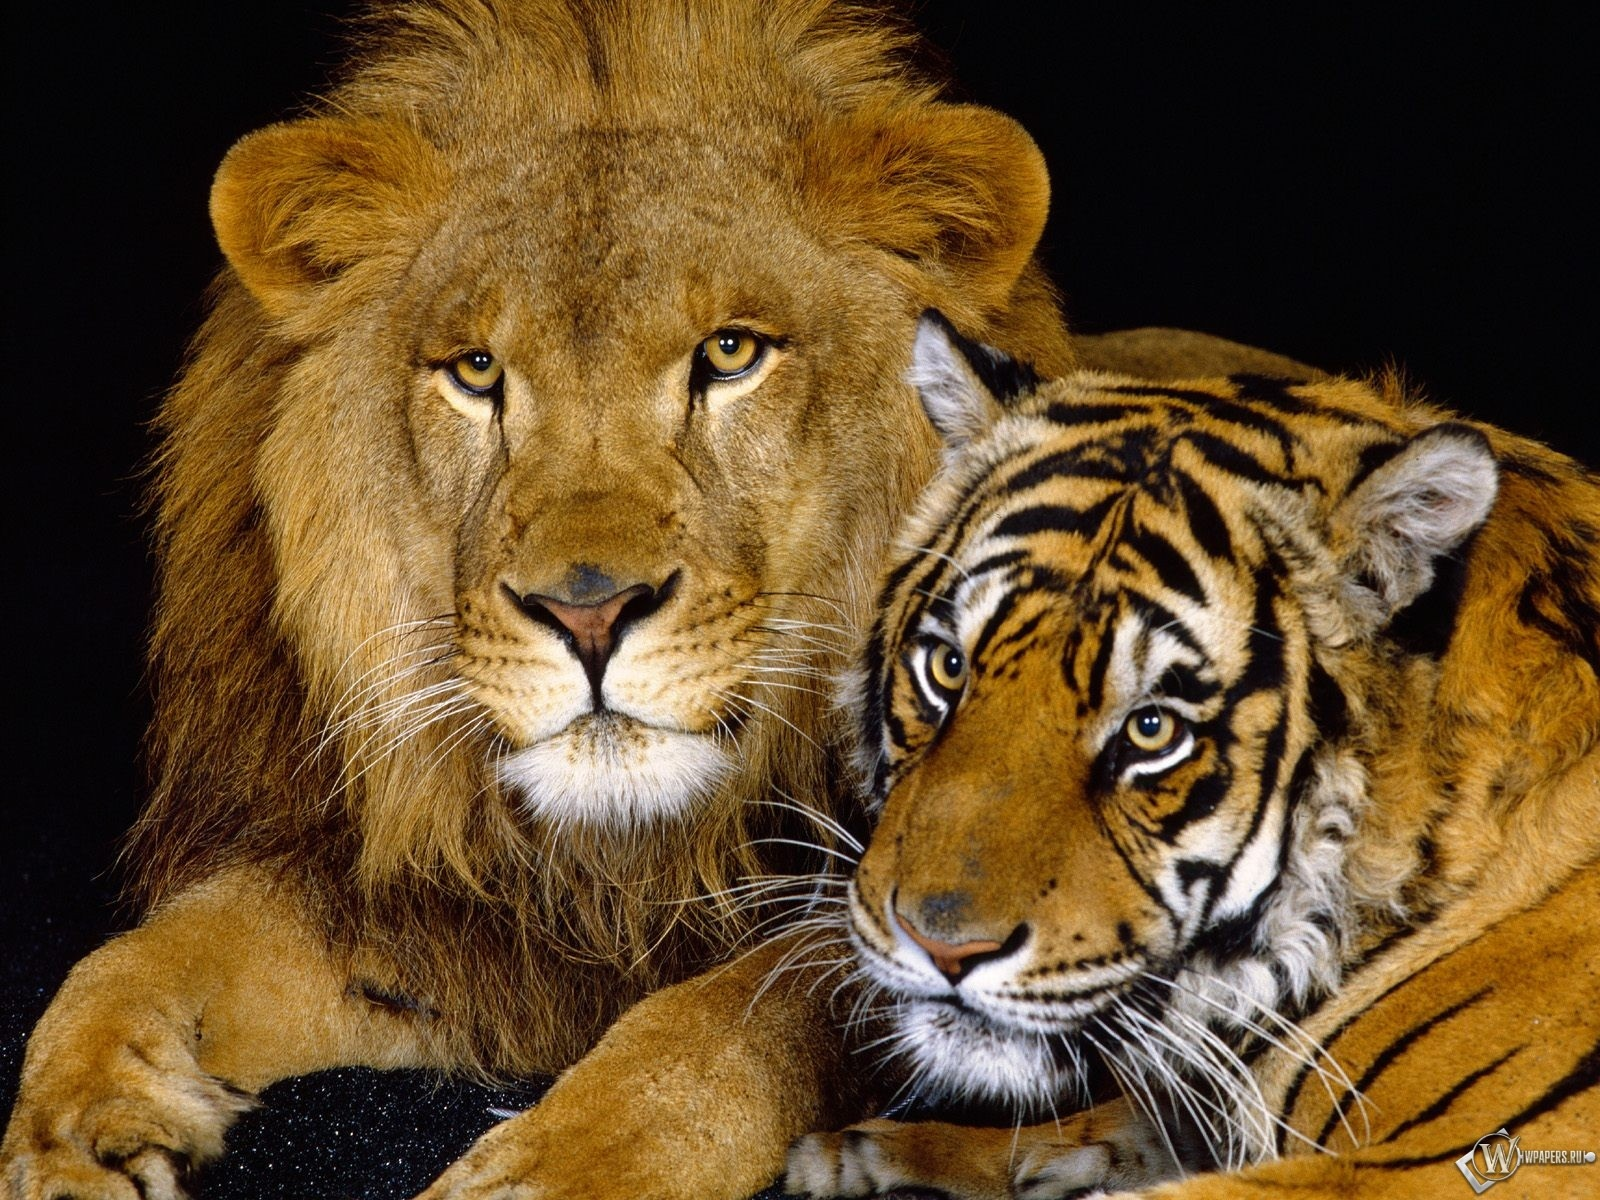 Тигрица со Львом 1600x1200